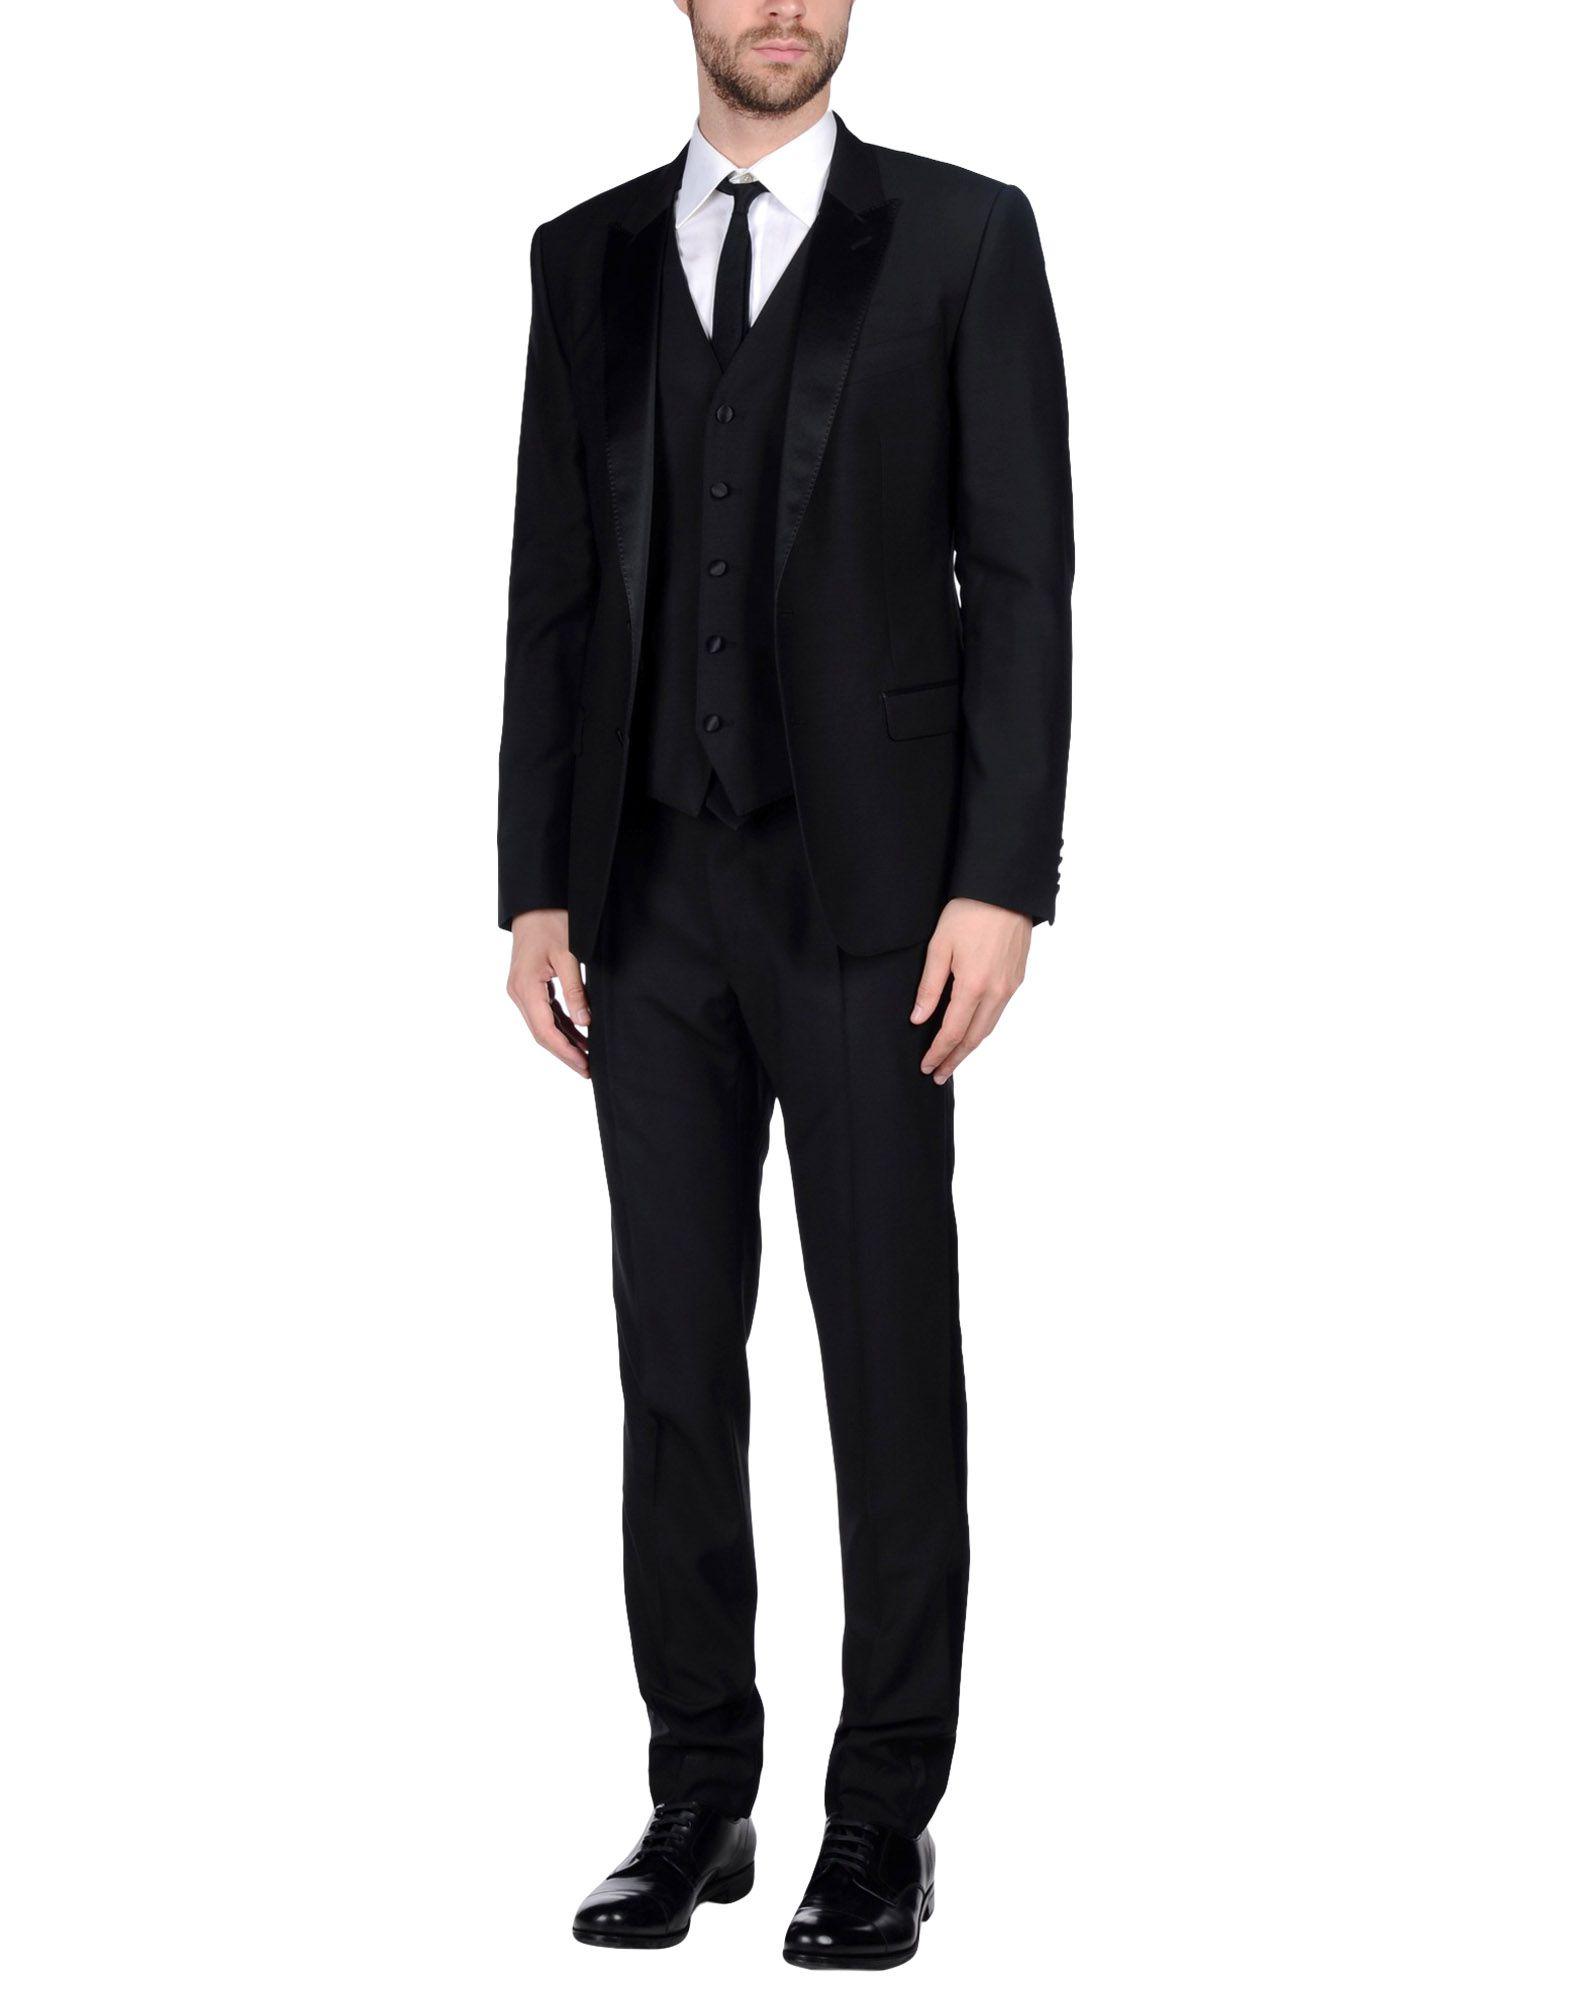 DOLCE & GABBANA Herren Anzug Farbe Schwarz Größe 5 jetztbilligerkaufen